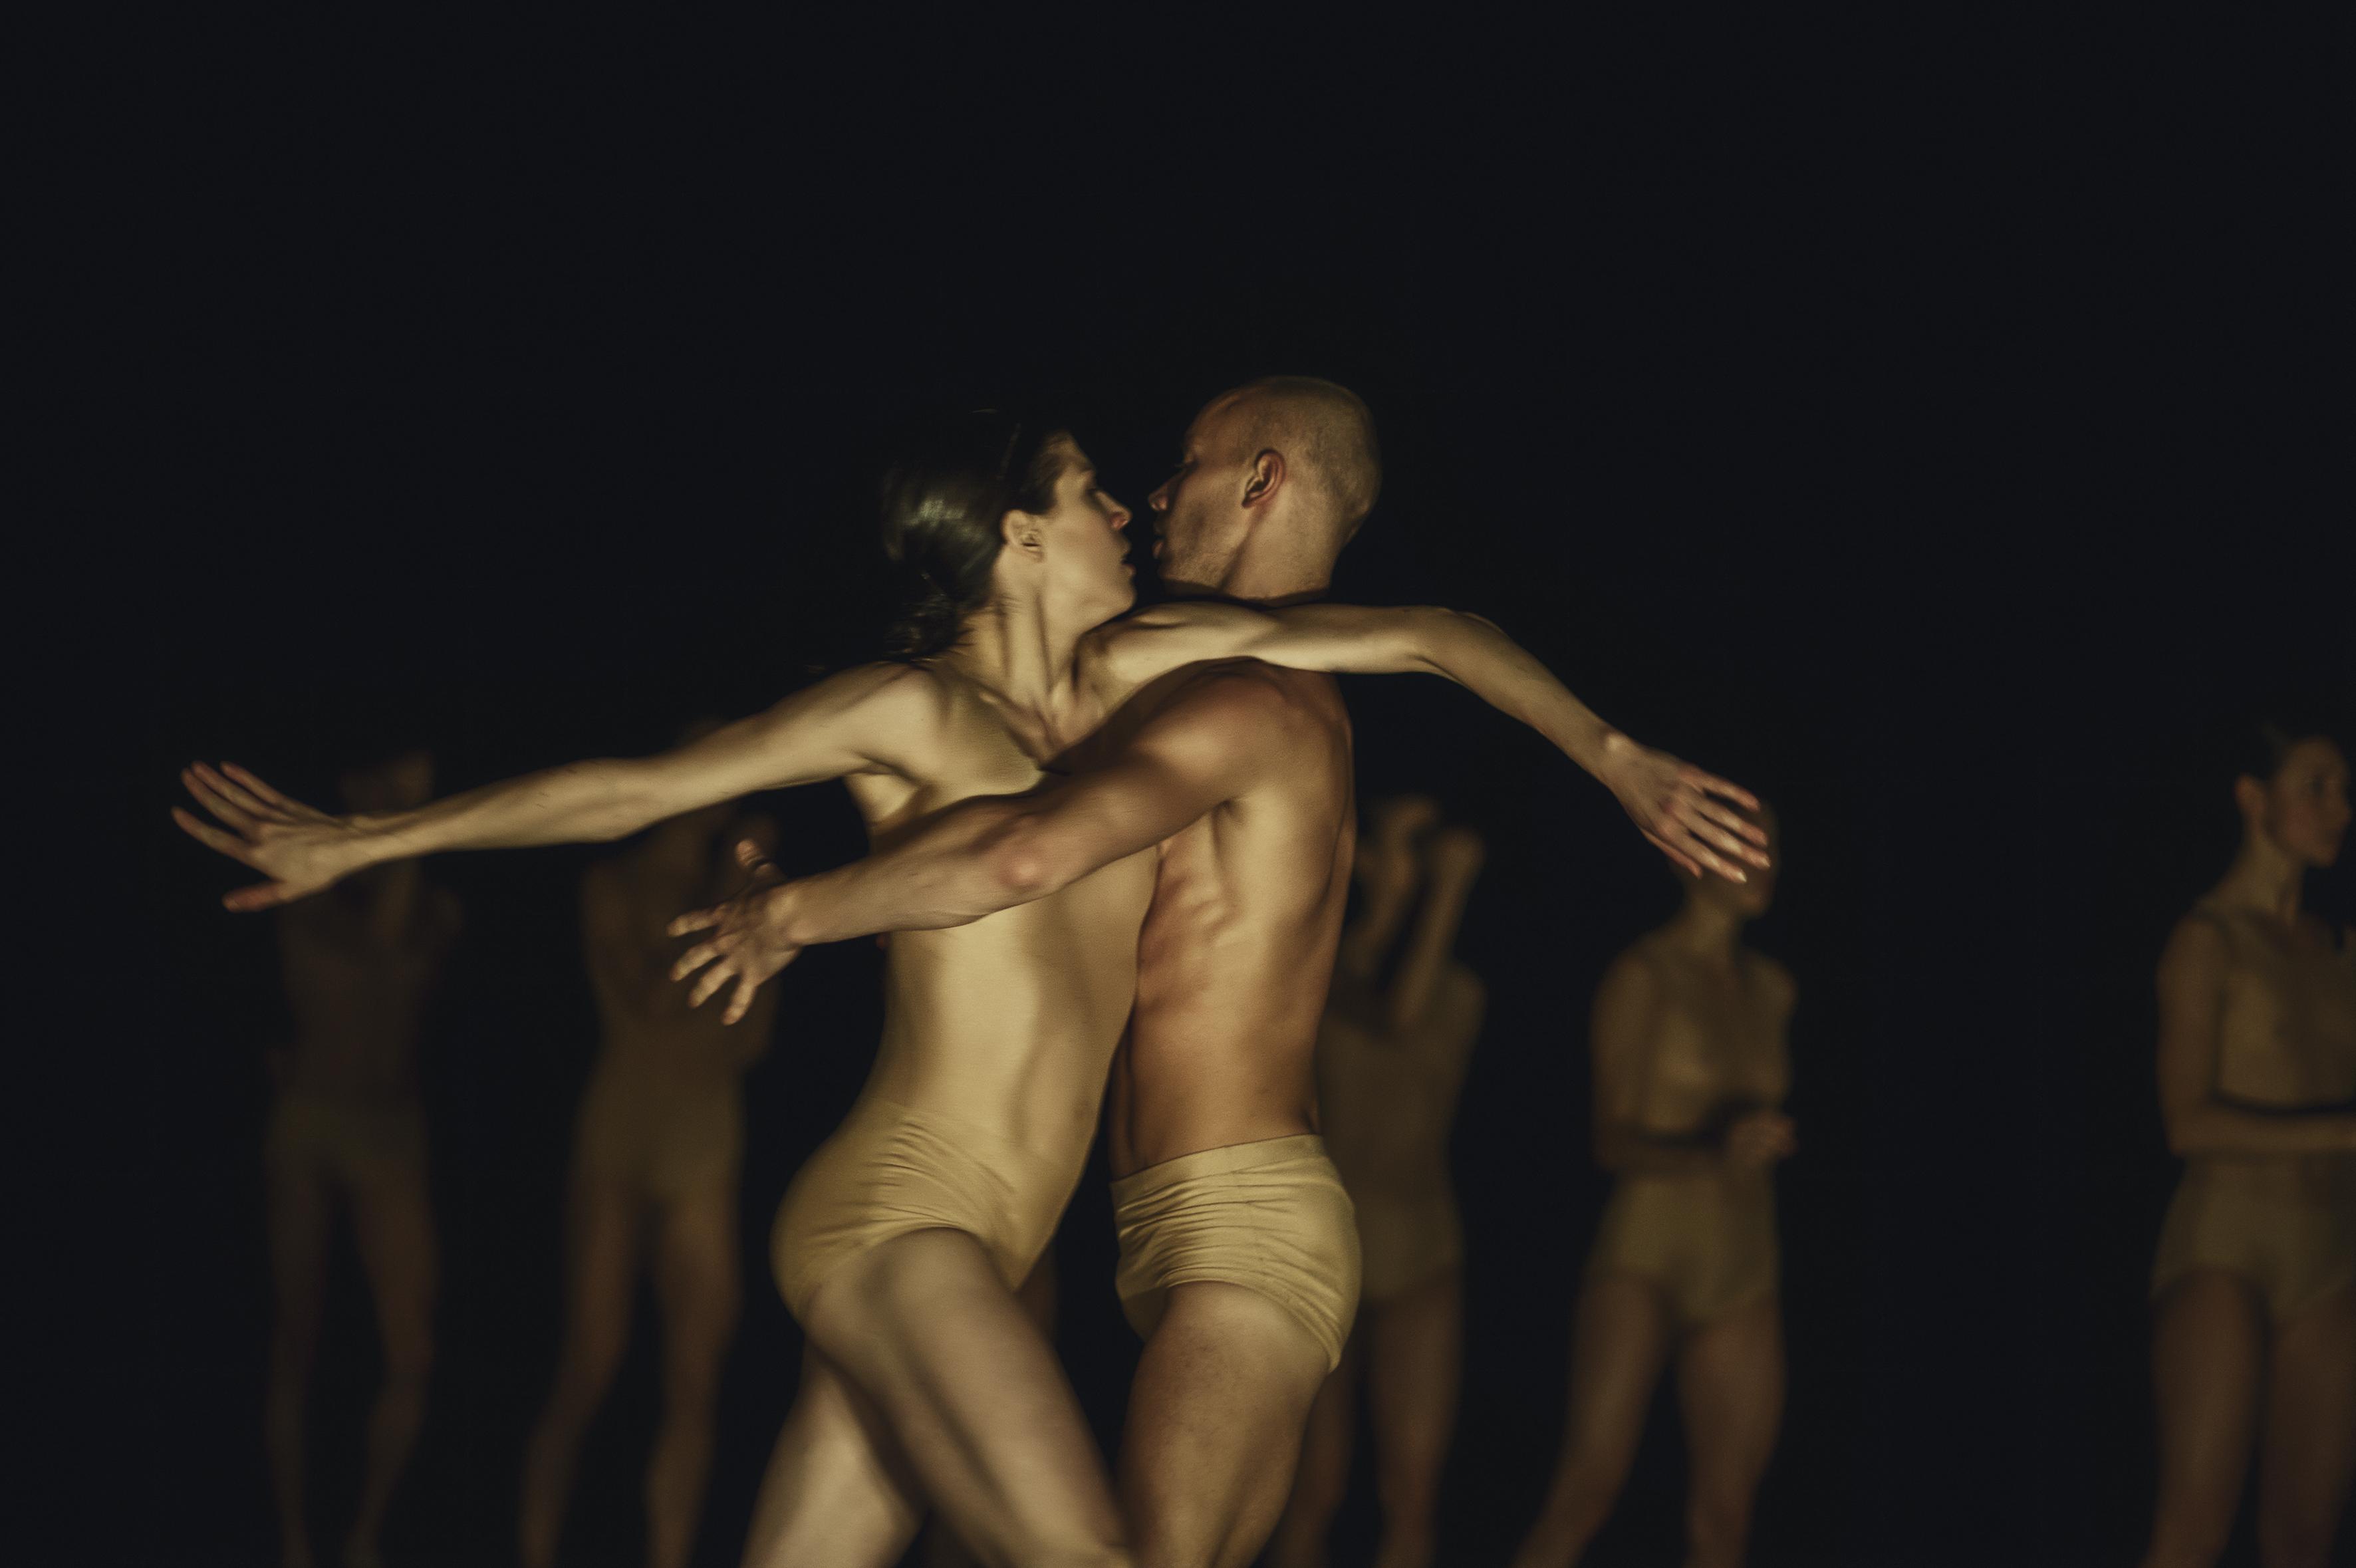 nude-theatre-sports